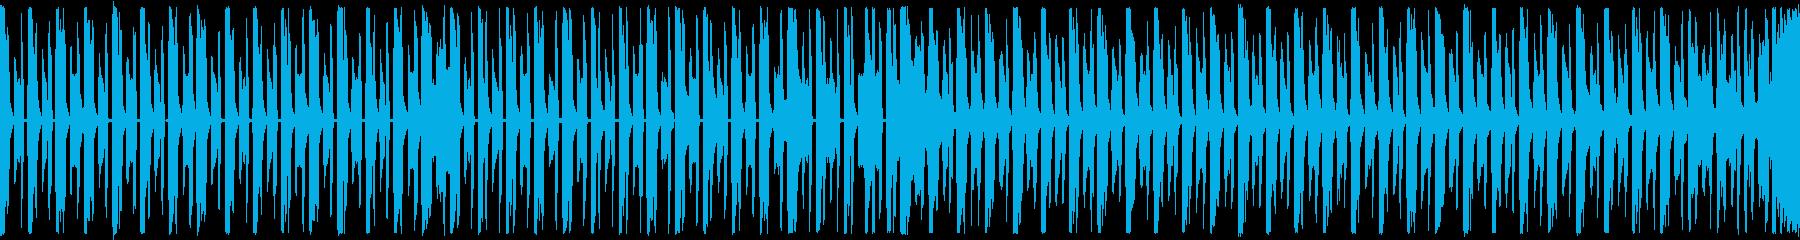 ループ,シューティング,シンプルBGMの再生済みの波形